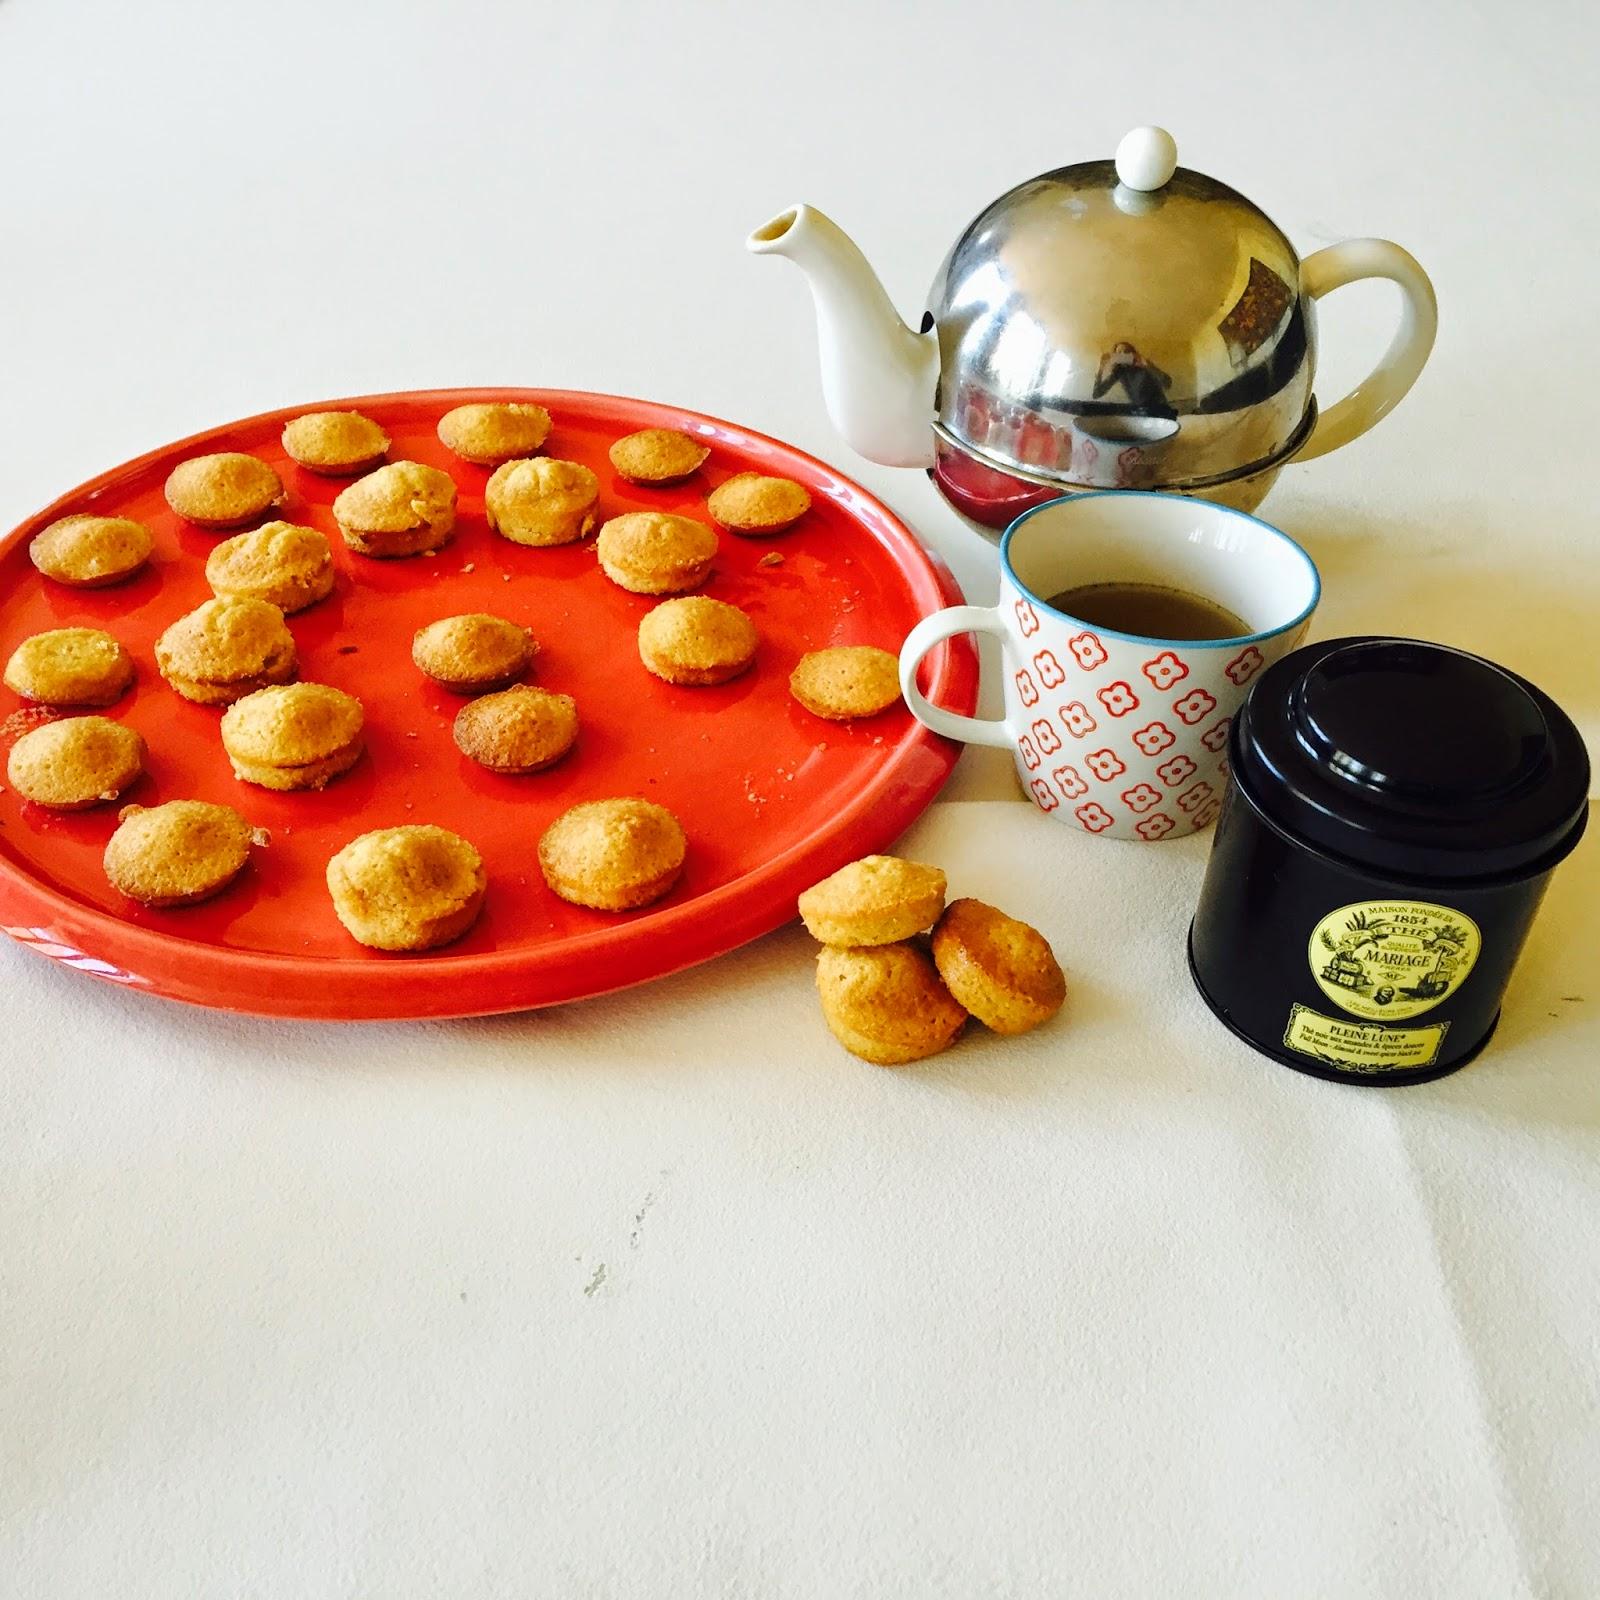 Cakes au caramel d'après Christophe Michalak